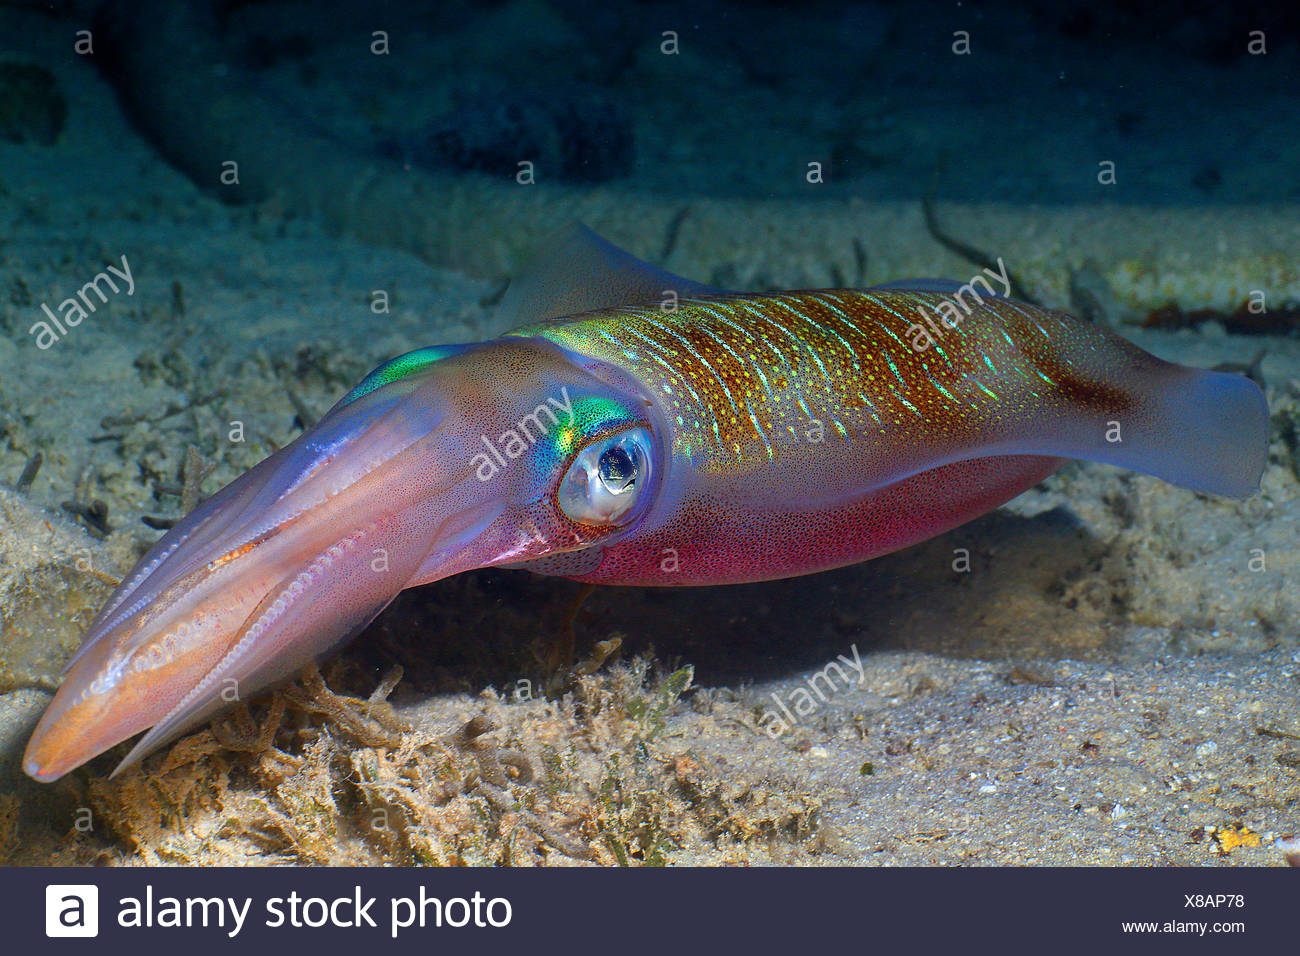 Bigfin reef (Sepioteuthis lessoniana squid), nage au-dessus du fond de la mer, l'Égypte, Mer Rouge, Hurghada Banque D'Images